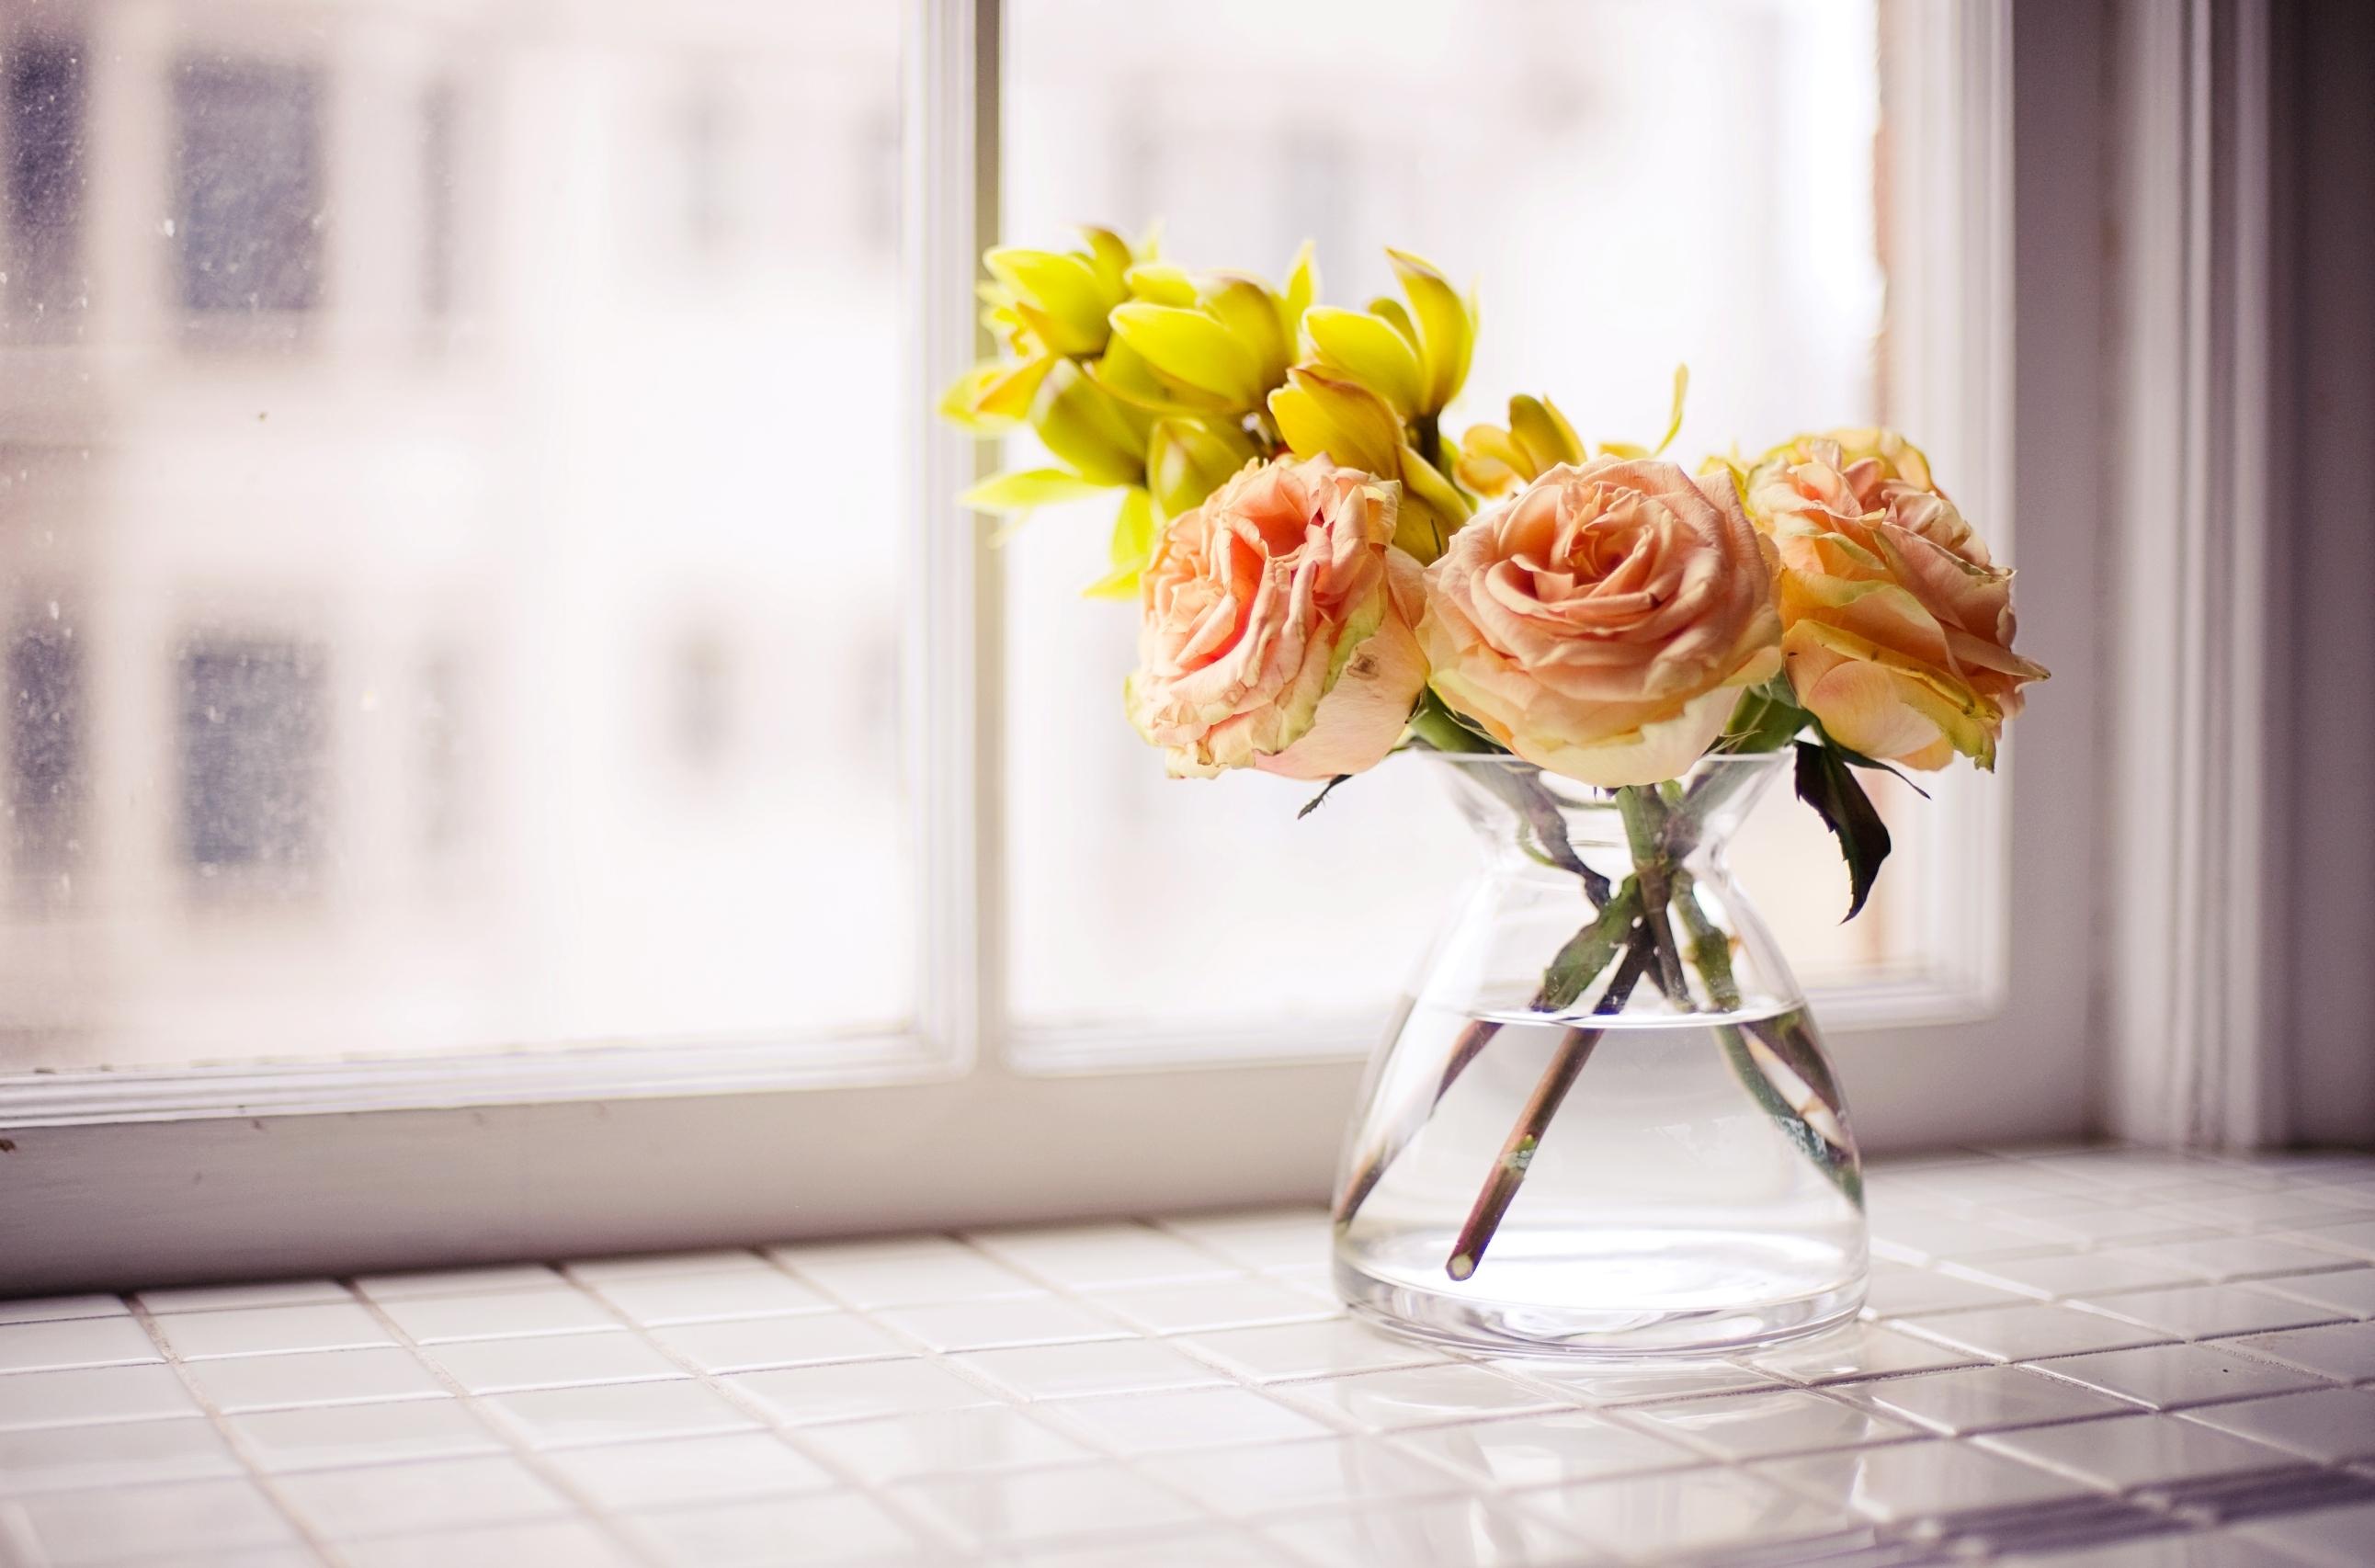 Чтобы придать объем, флористы часто делают букеты Х-образной формы.